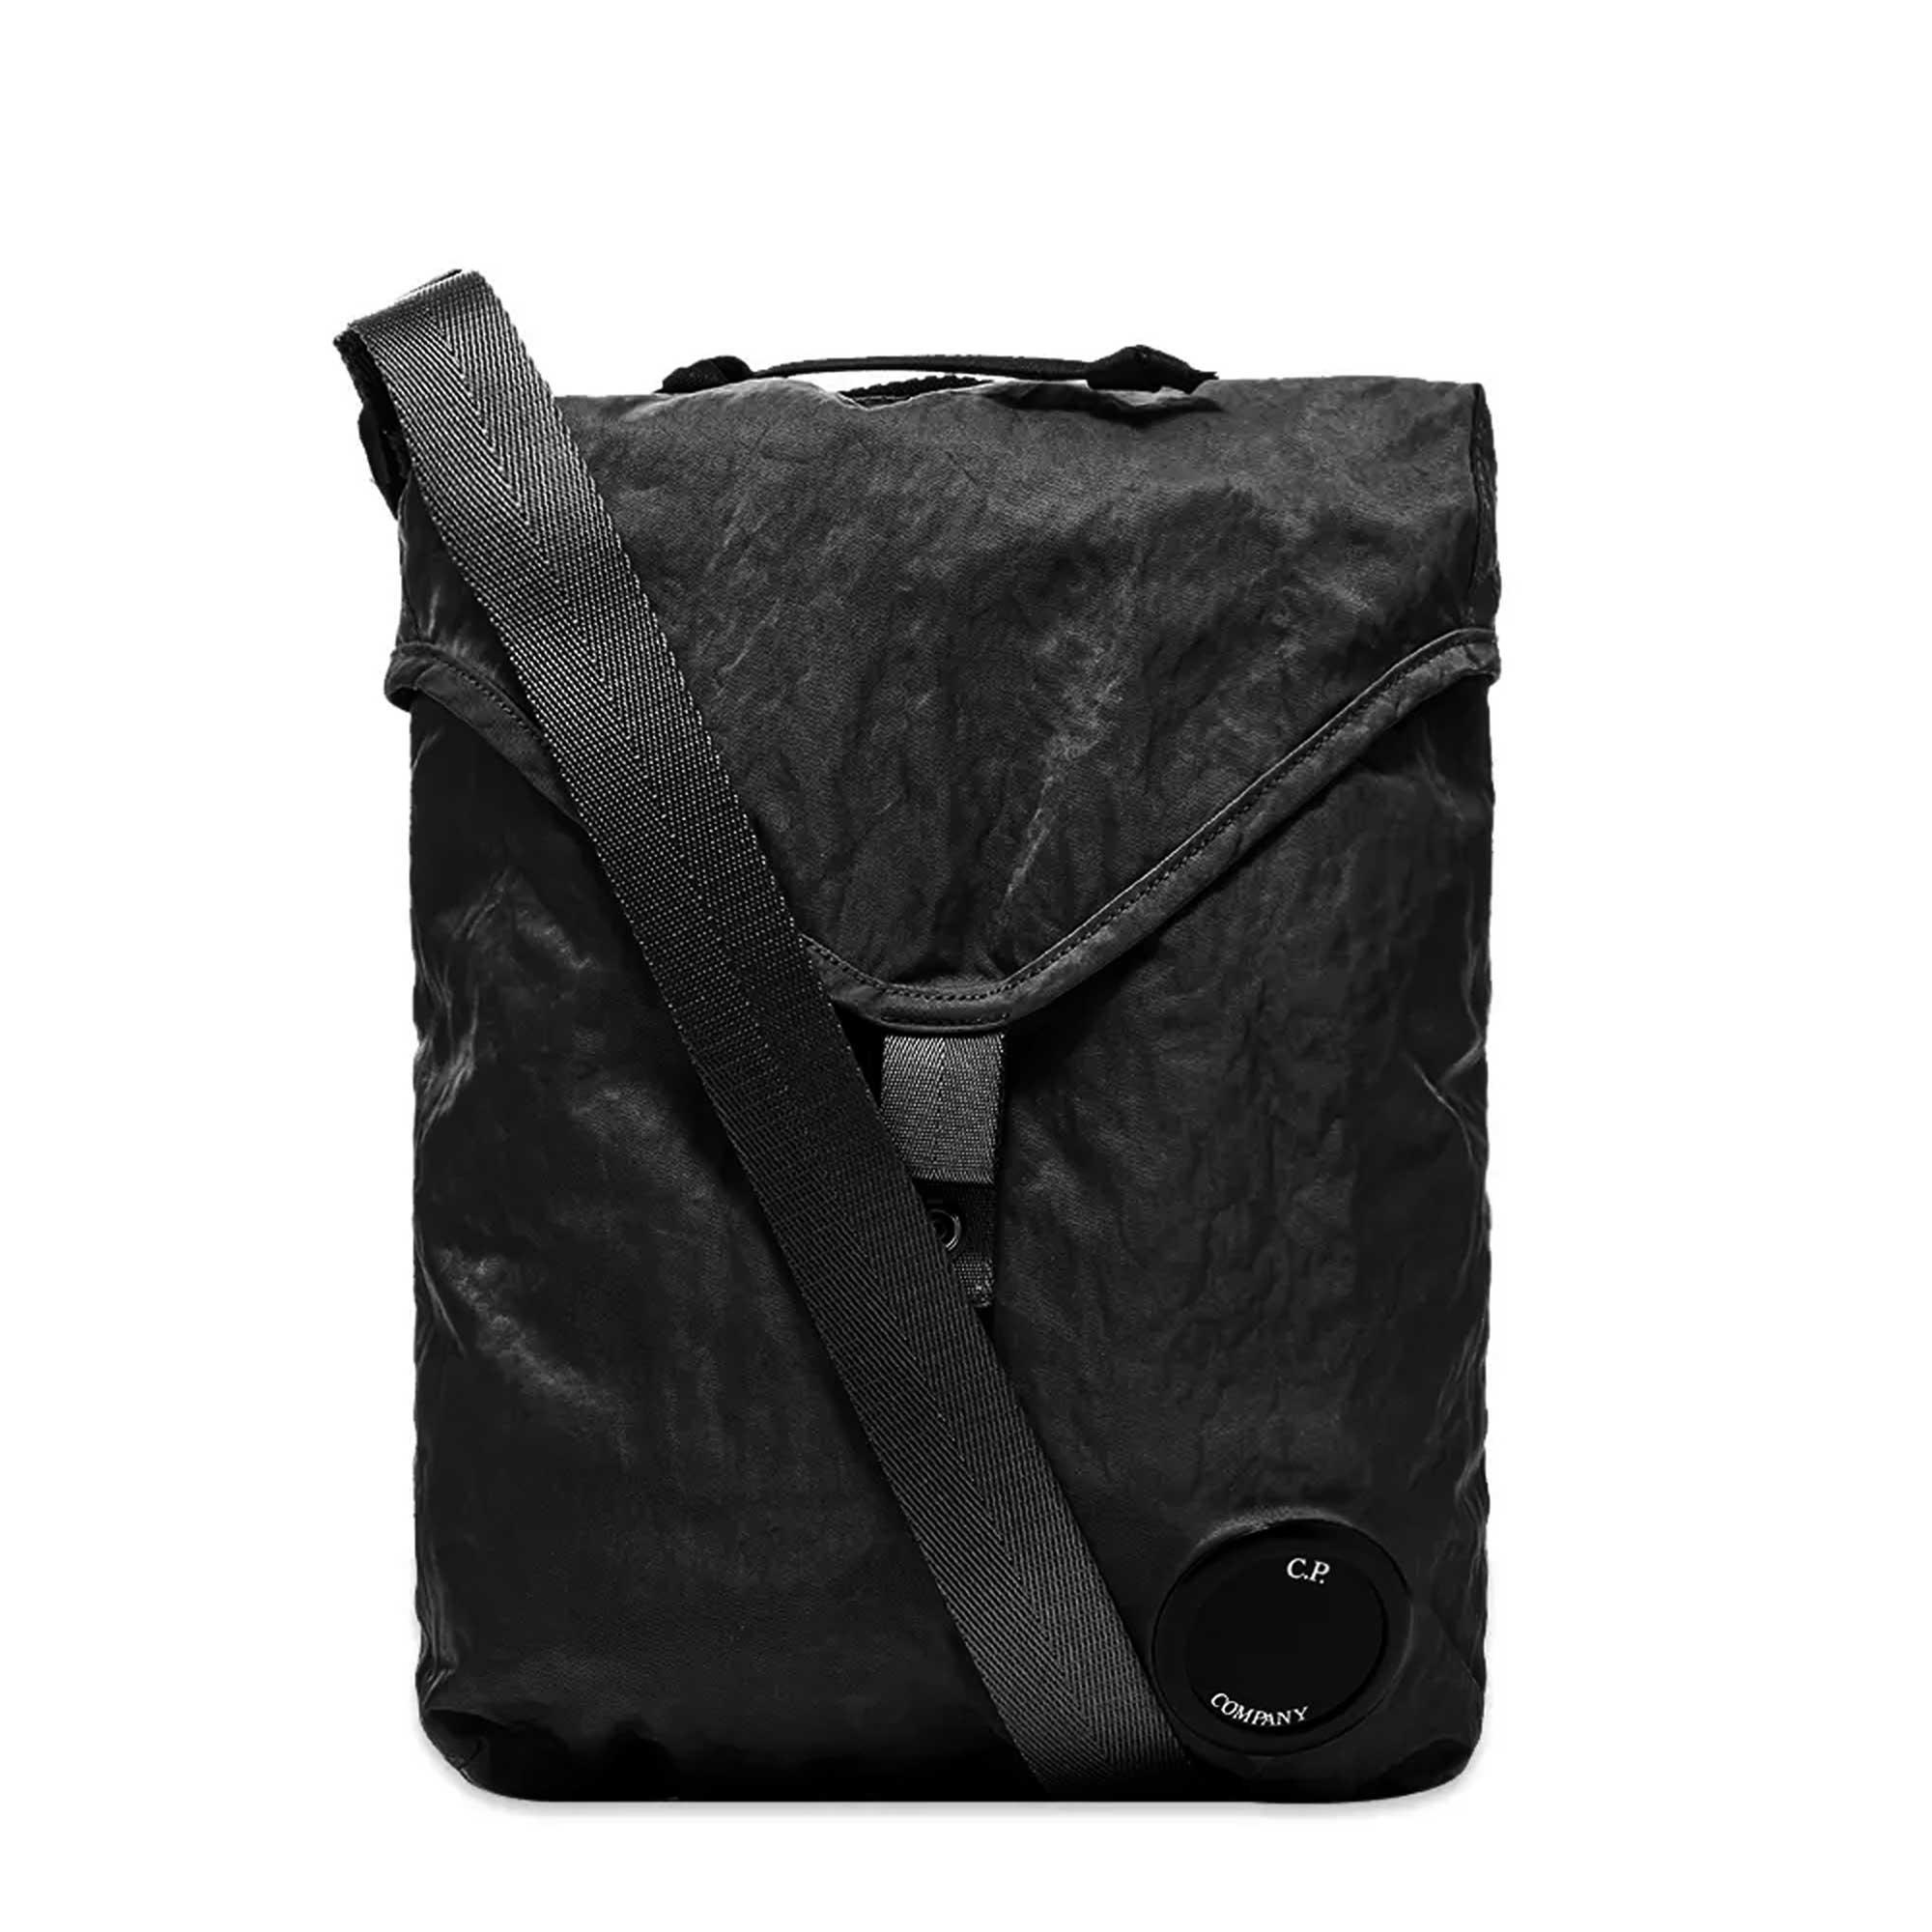 CP Company Shoulder Bag